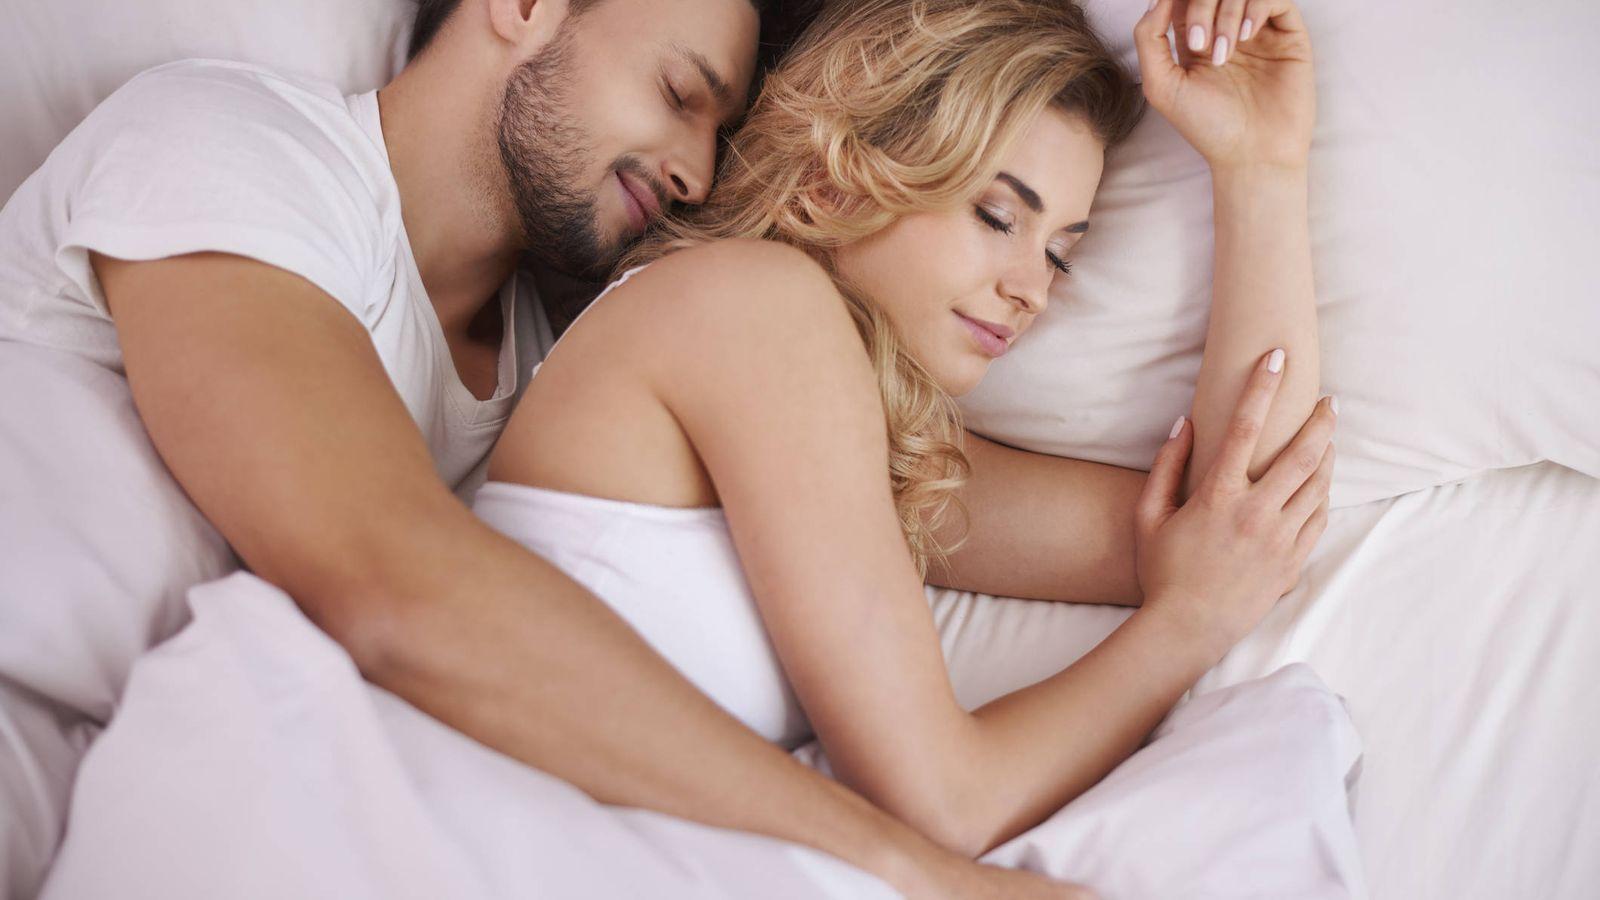 Foto: Y si tienes la suerte de dormir en compañía, mucho mejor que cualquier postura. (iStock)